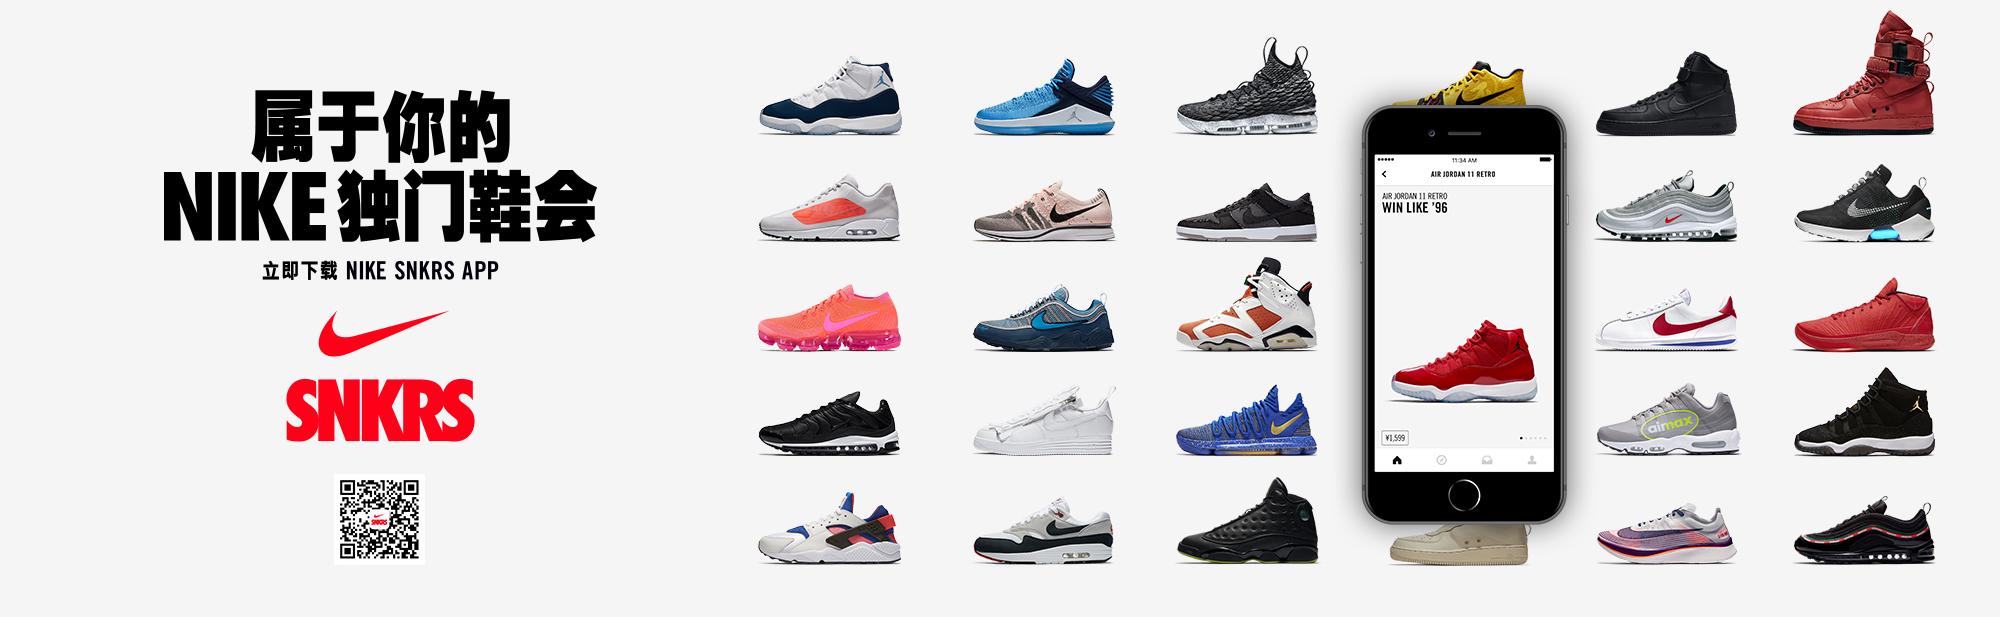 篮球 进击吧鞋迷,或许有一天你们的设计也可以让球员穿上场